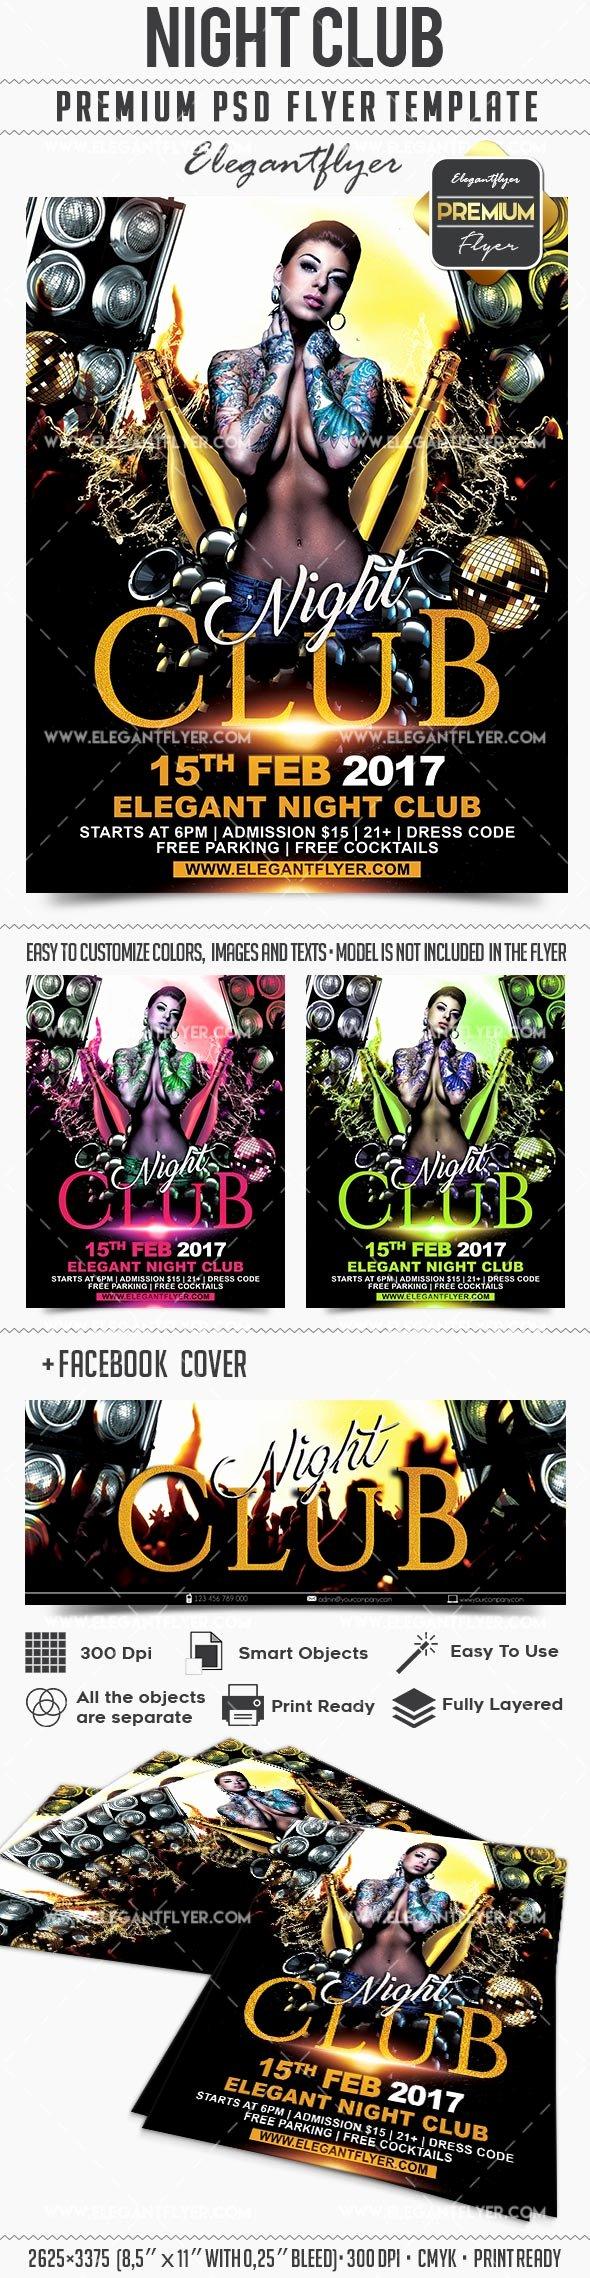 Night Club Flyer Template Fresh Night Club – Flyer Psd Template – by Elegantflyer